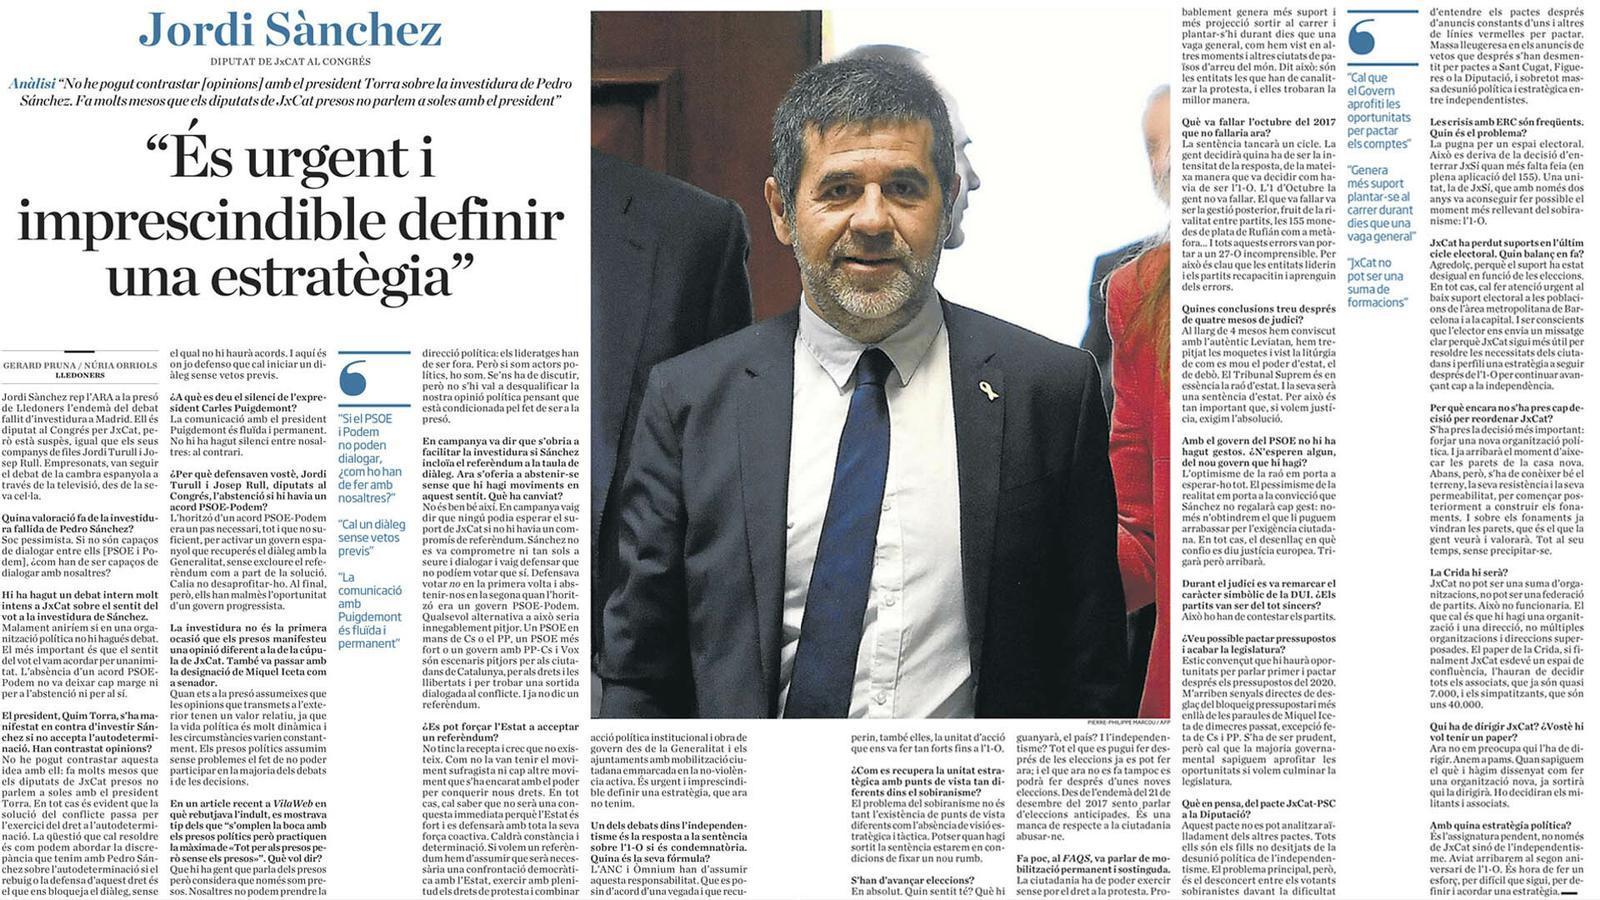 L'anàlisi d'Antoni Bassas: 'Jordi Sànchez: protestar, governar'